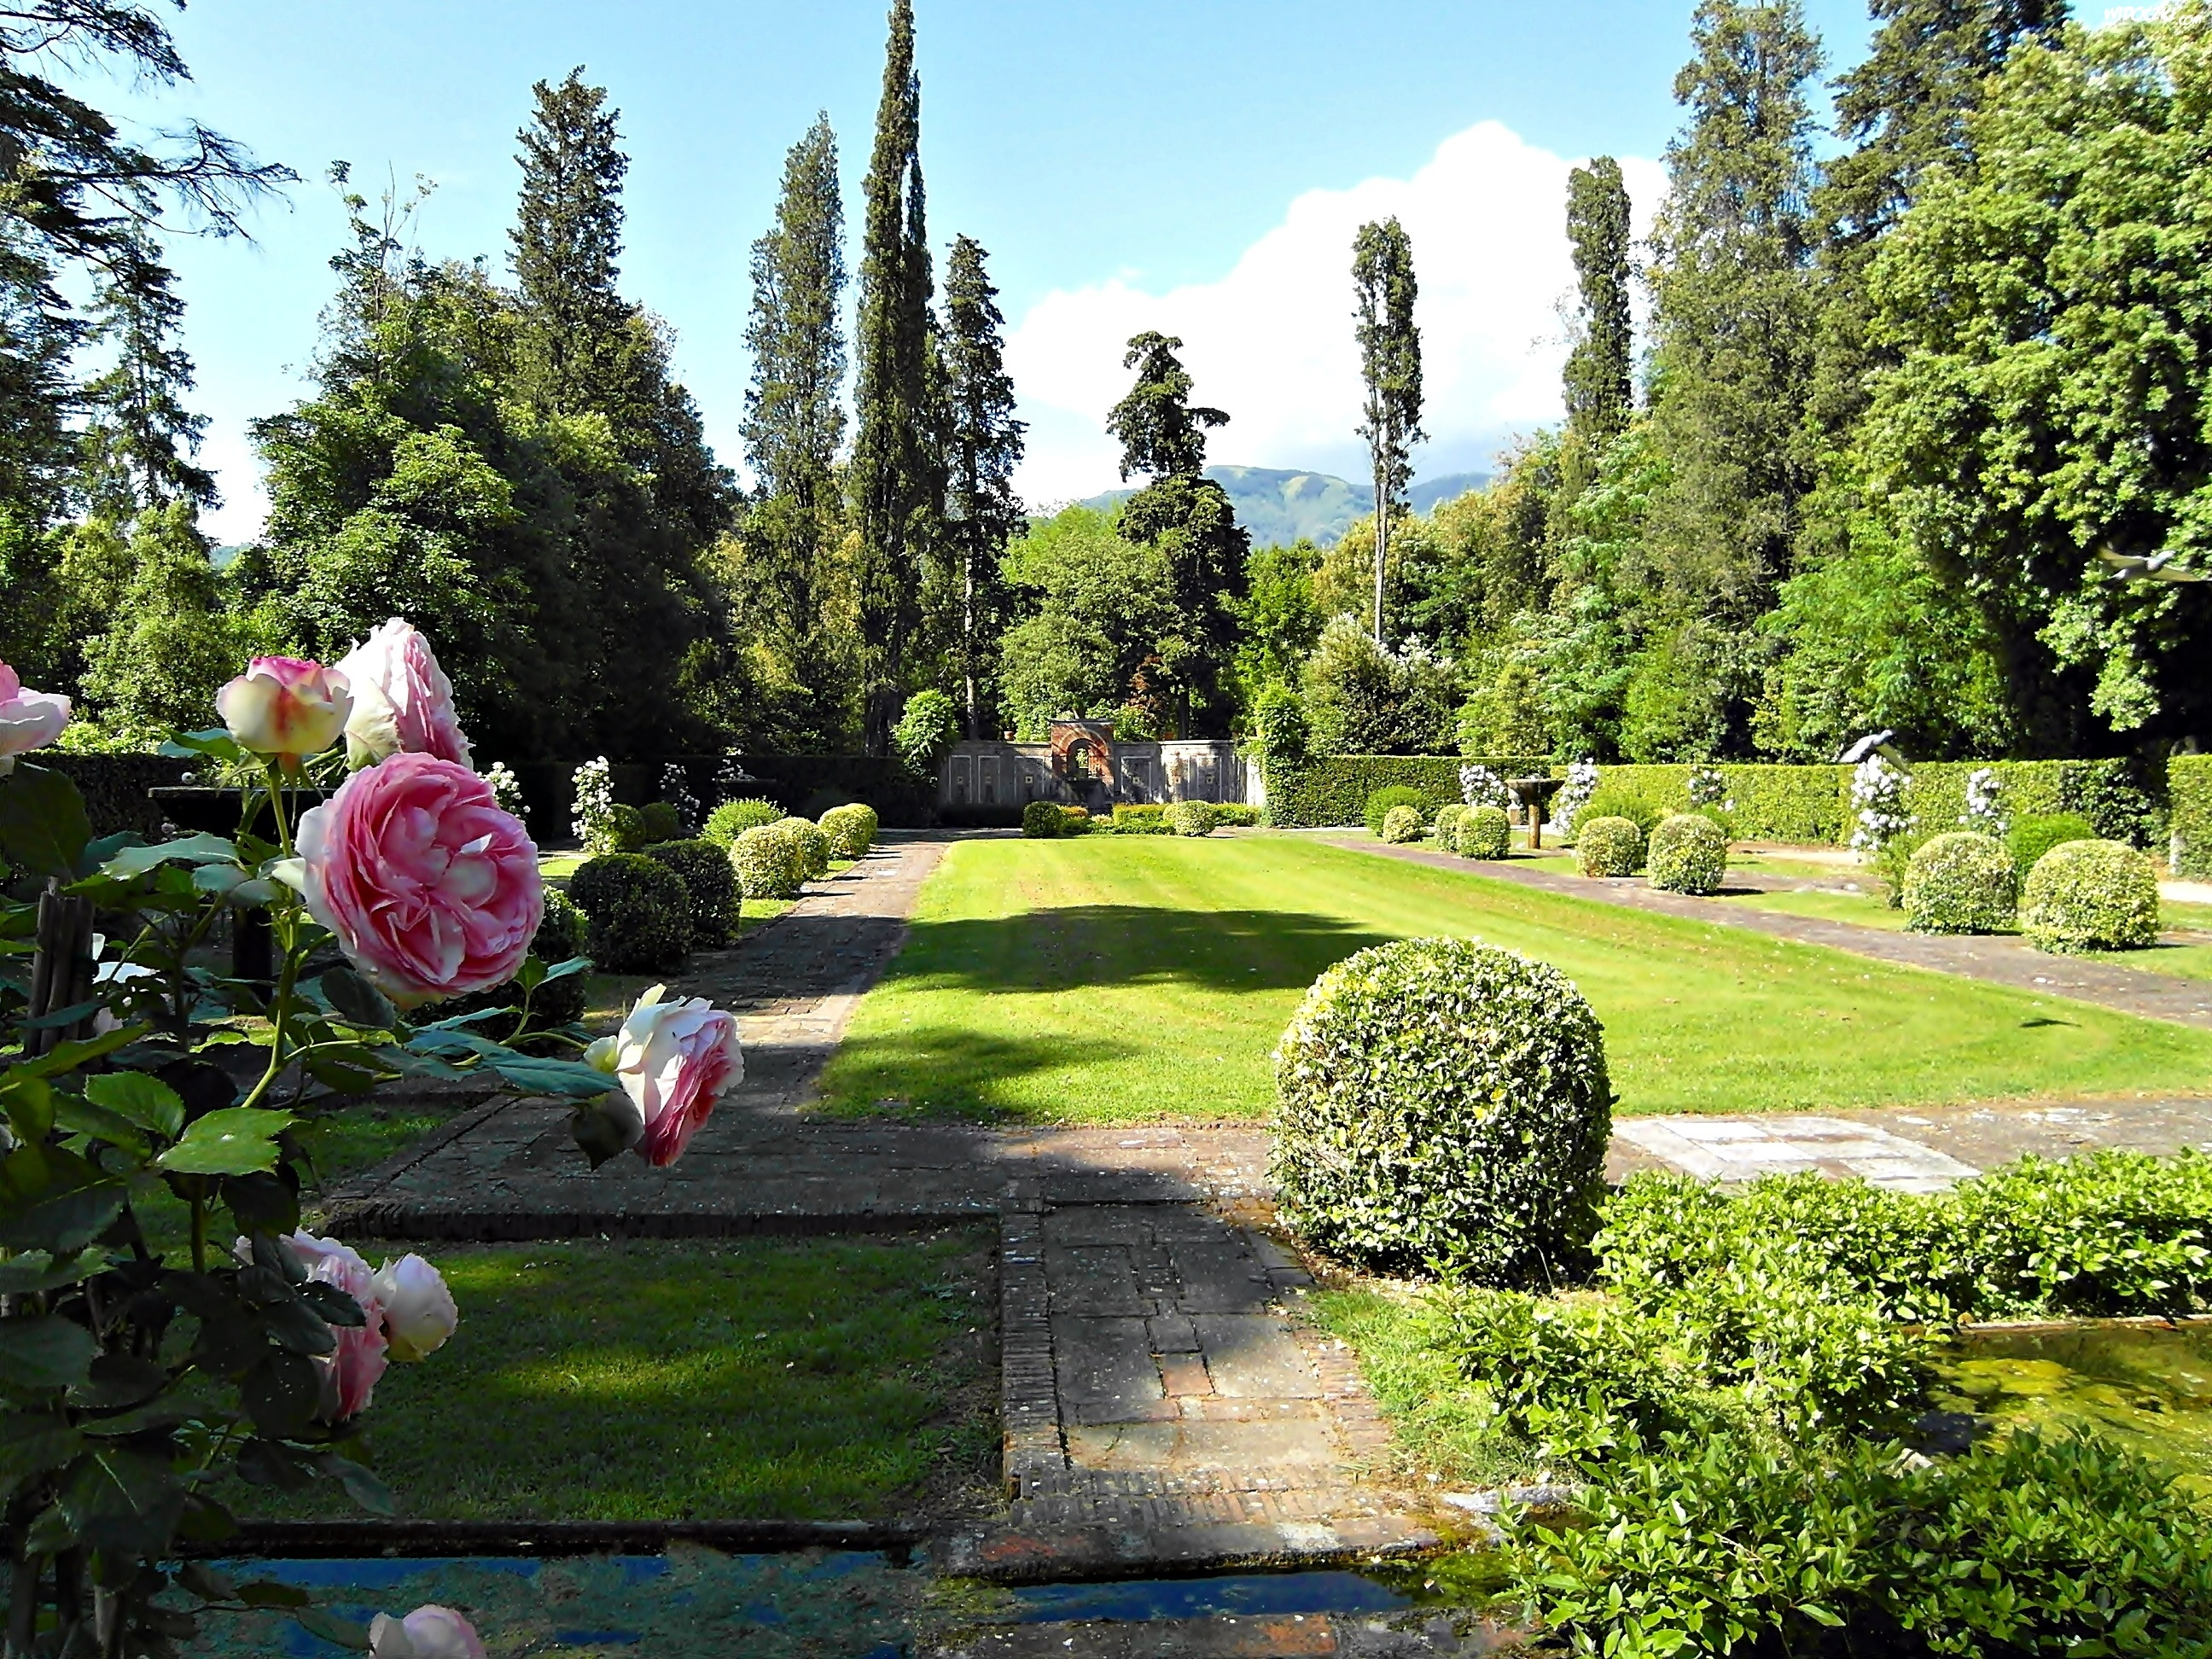 Ogród, Pałacowy, Krzewy, Drzewa, Róże